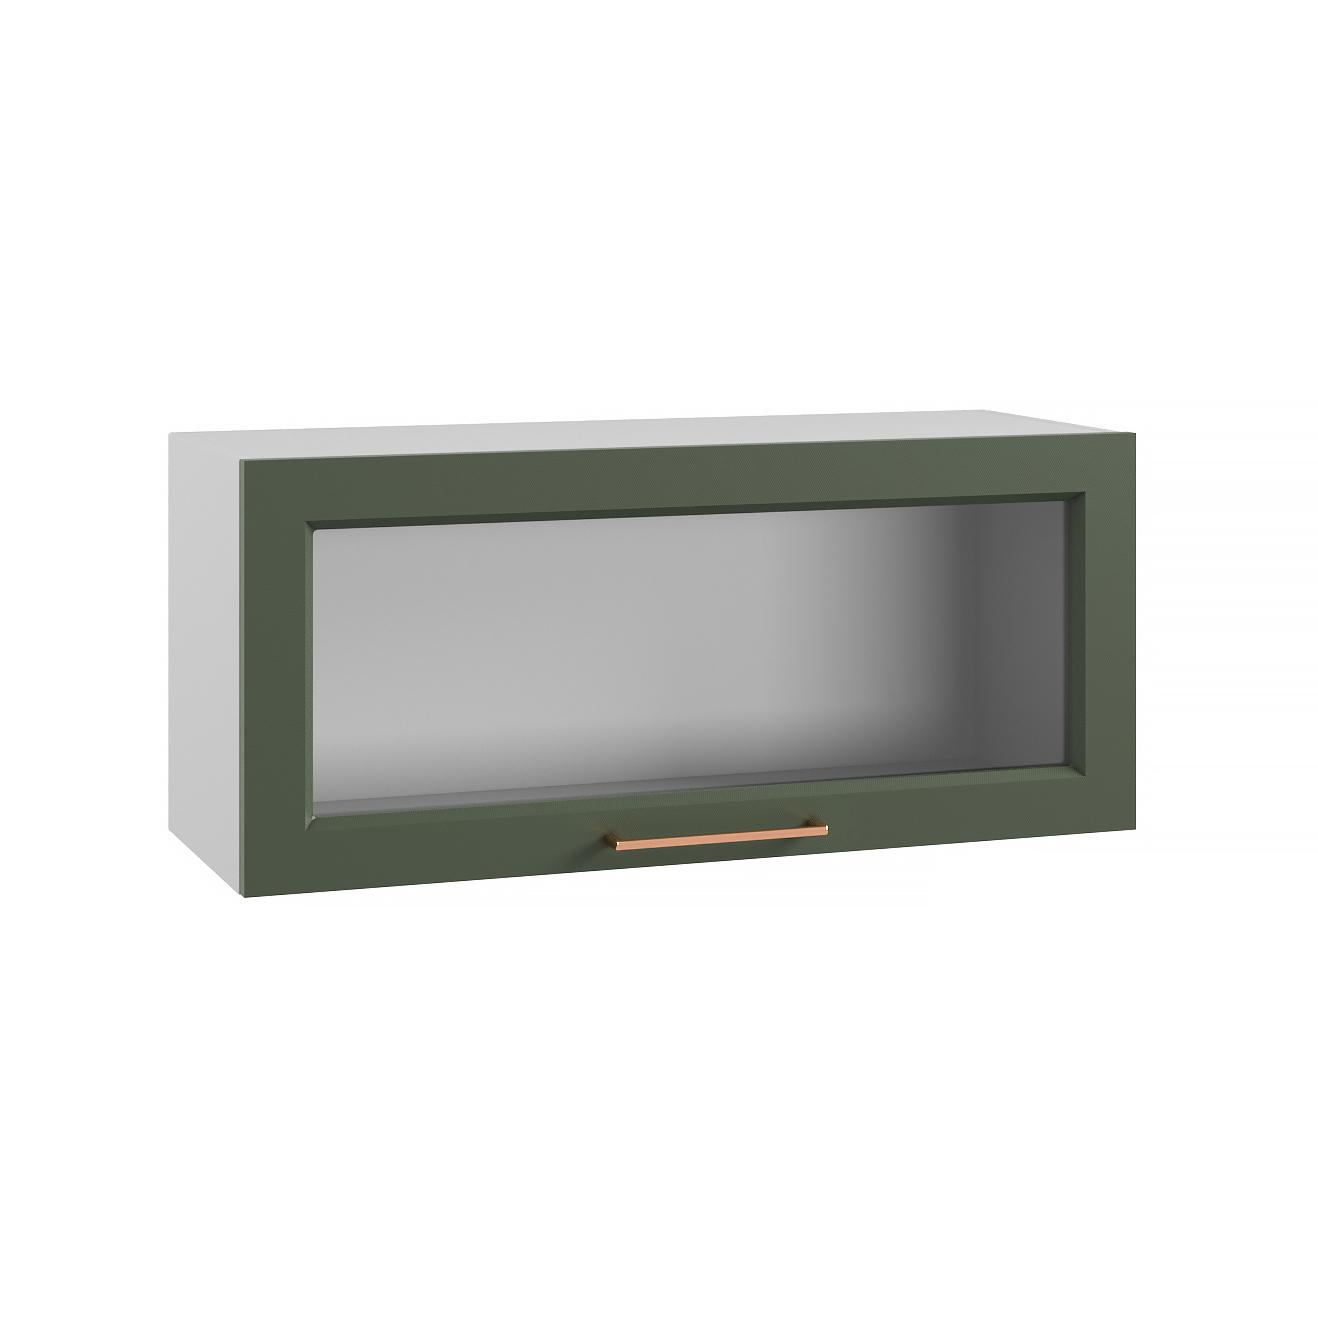 Кухня Квадро ГПГС 800 Шкаф верхний стекло глубина 574